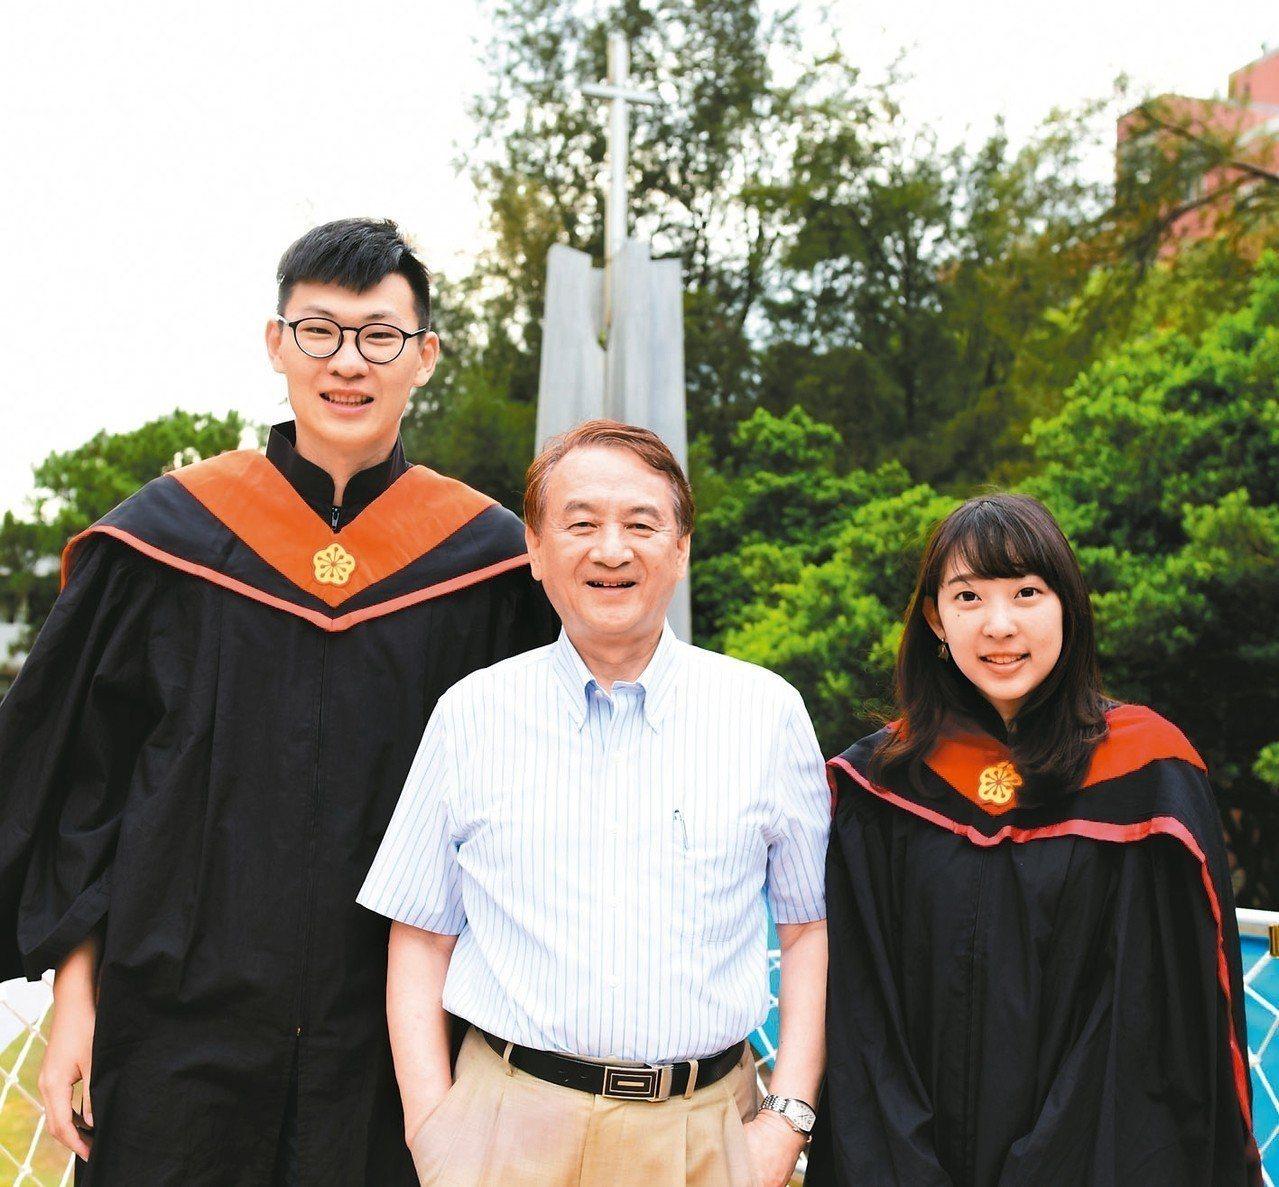 中原大學在校長張光正(中)帶領下,全人教育辦學理念獲社會認同。 圖/中原大學提供